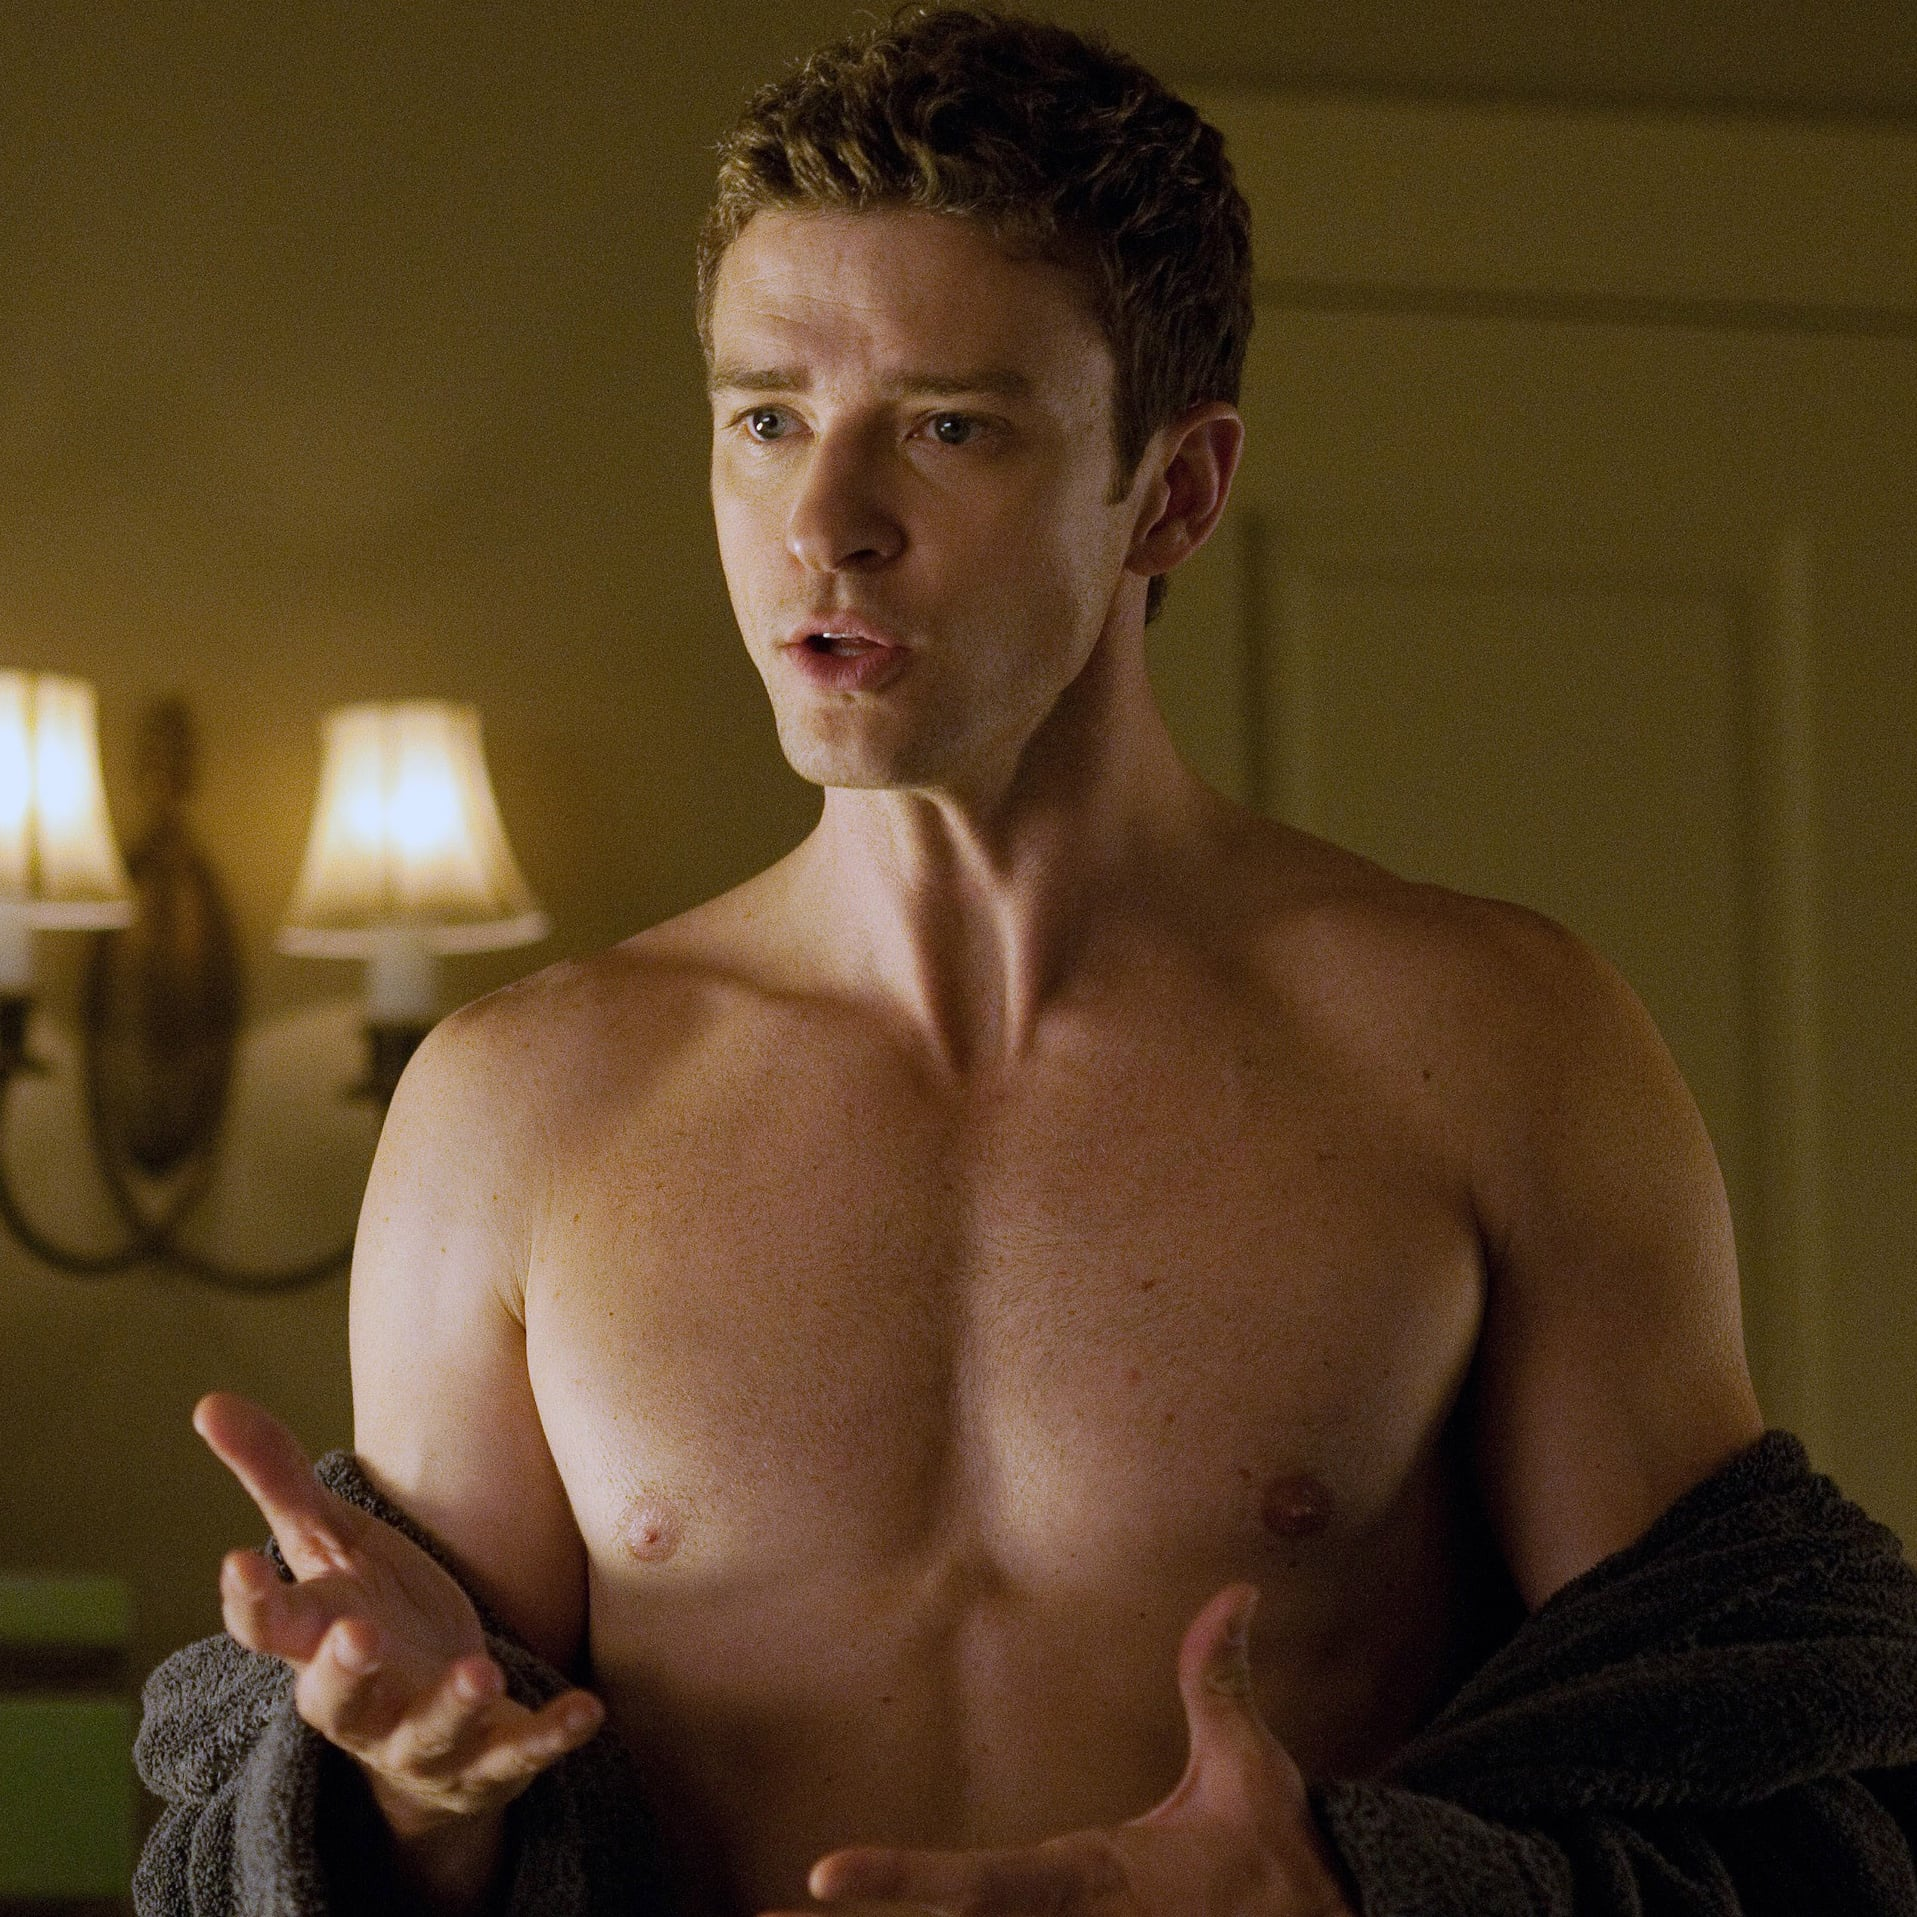 Justin-Timberlake-Shirtless-Pictures.jpg